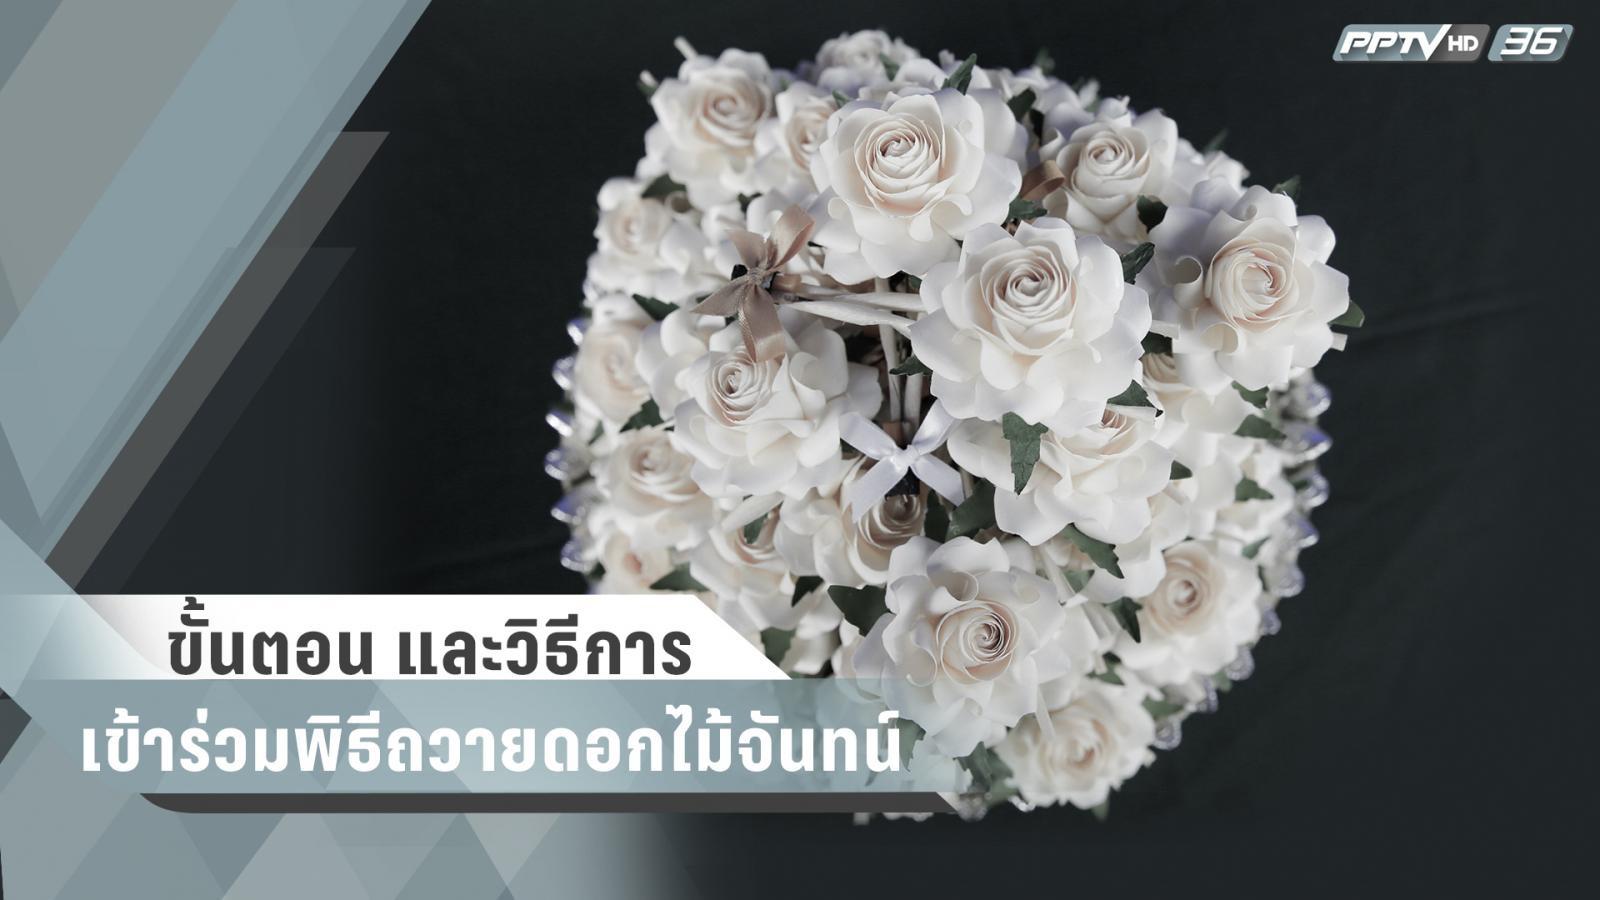 ขั้นตอนและวิธีการเข้าร่วมพิธีถวายดอกไม้จันทน์